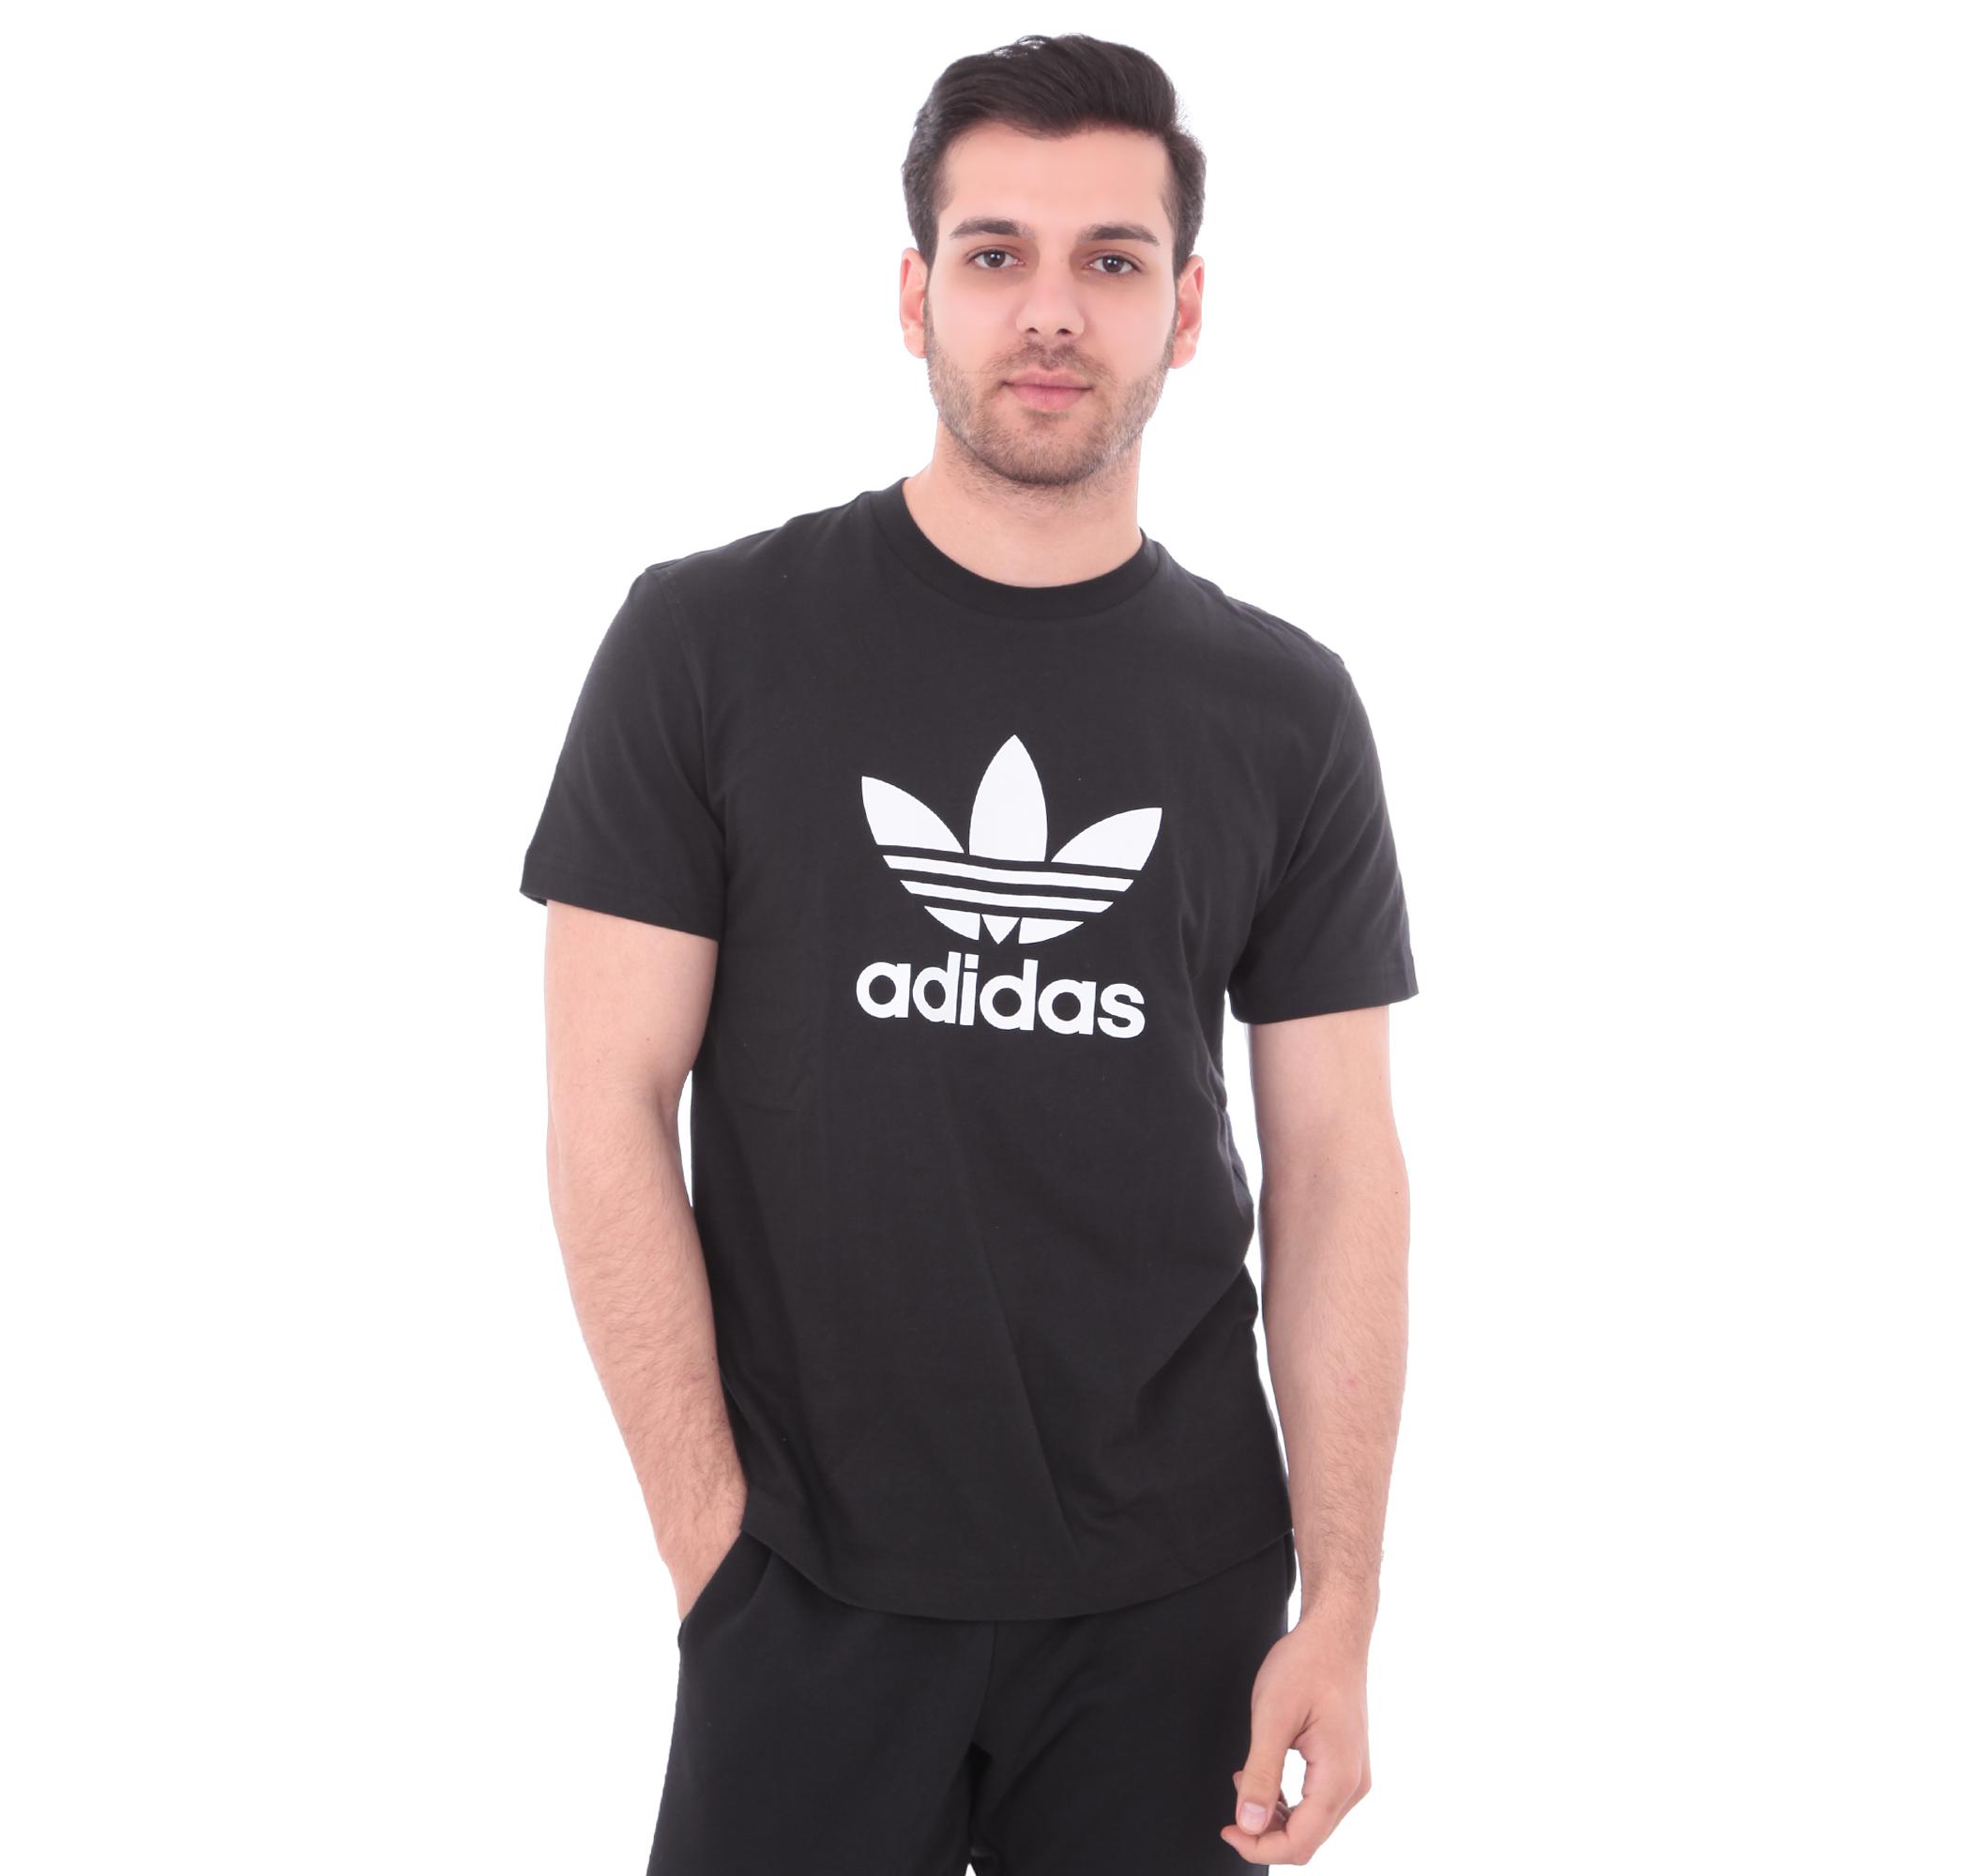 adidas Trefoıl T-Shırt Erkek T-Shirt Siyah